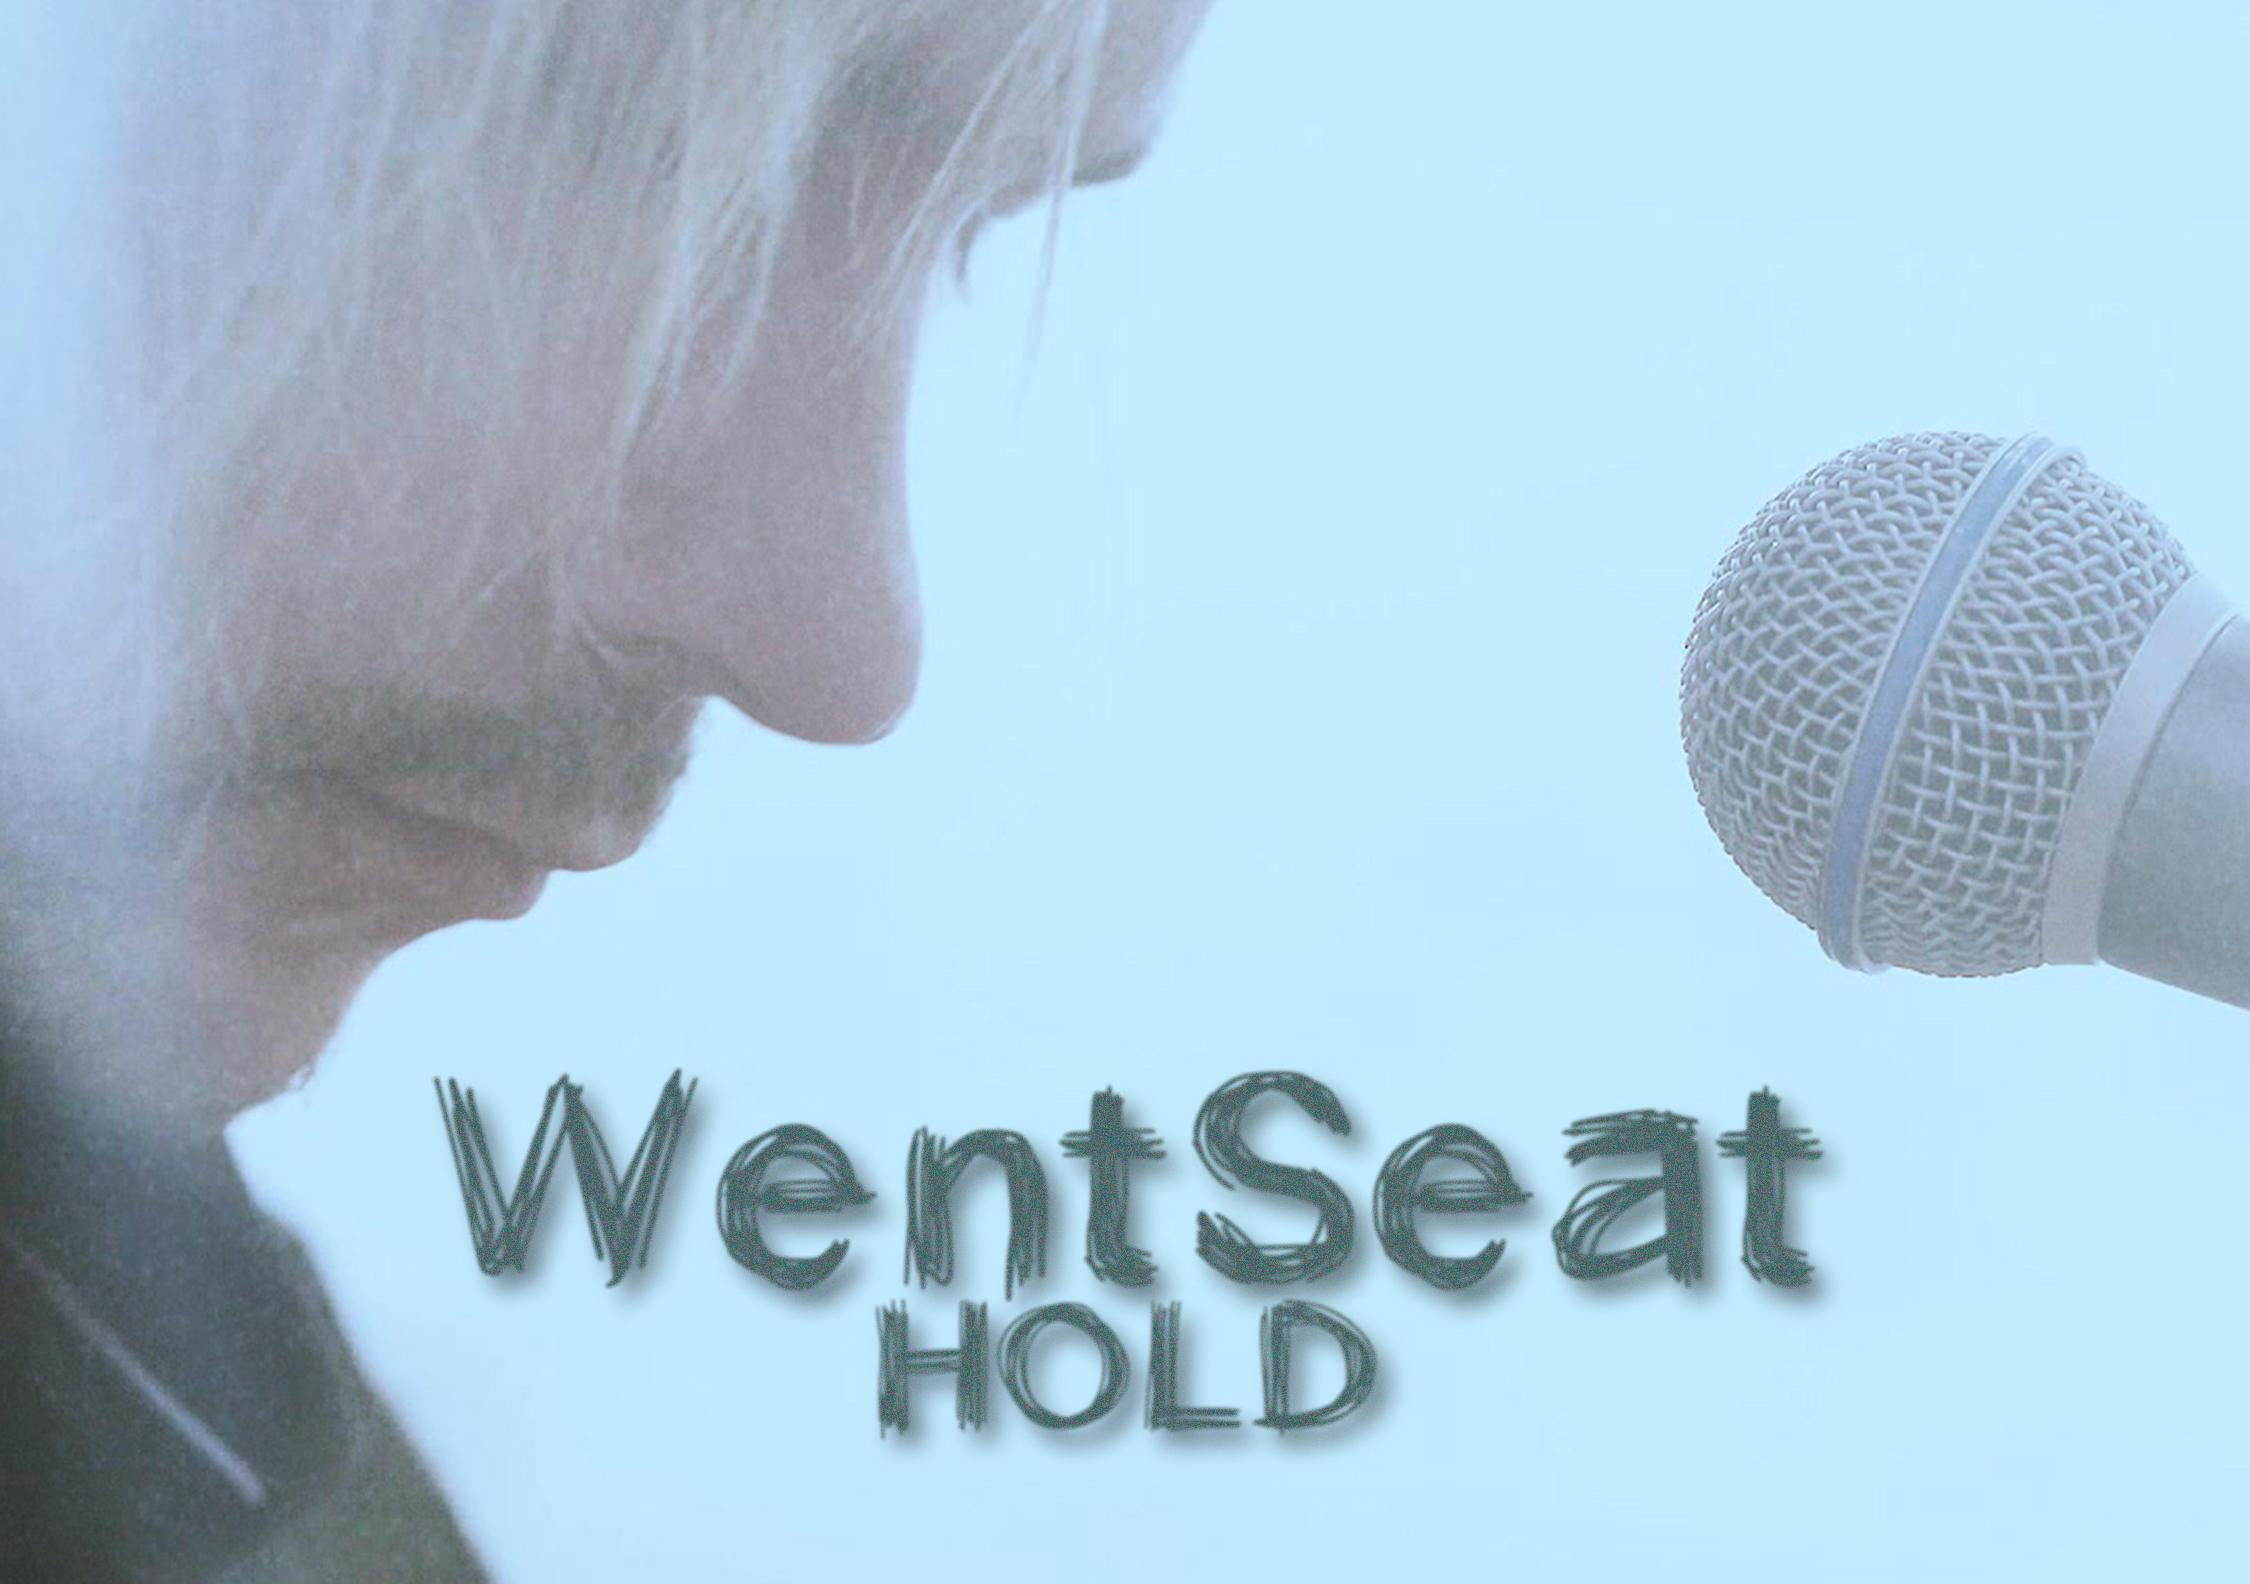 WentSeat з мелодійно-потужним релізом Hold